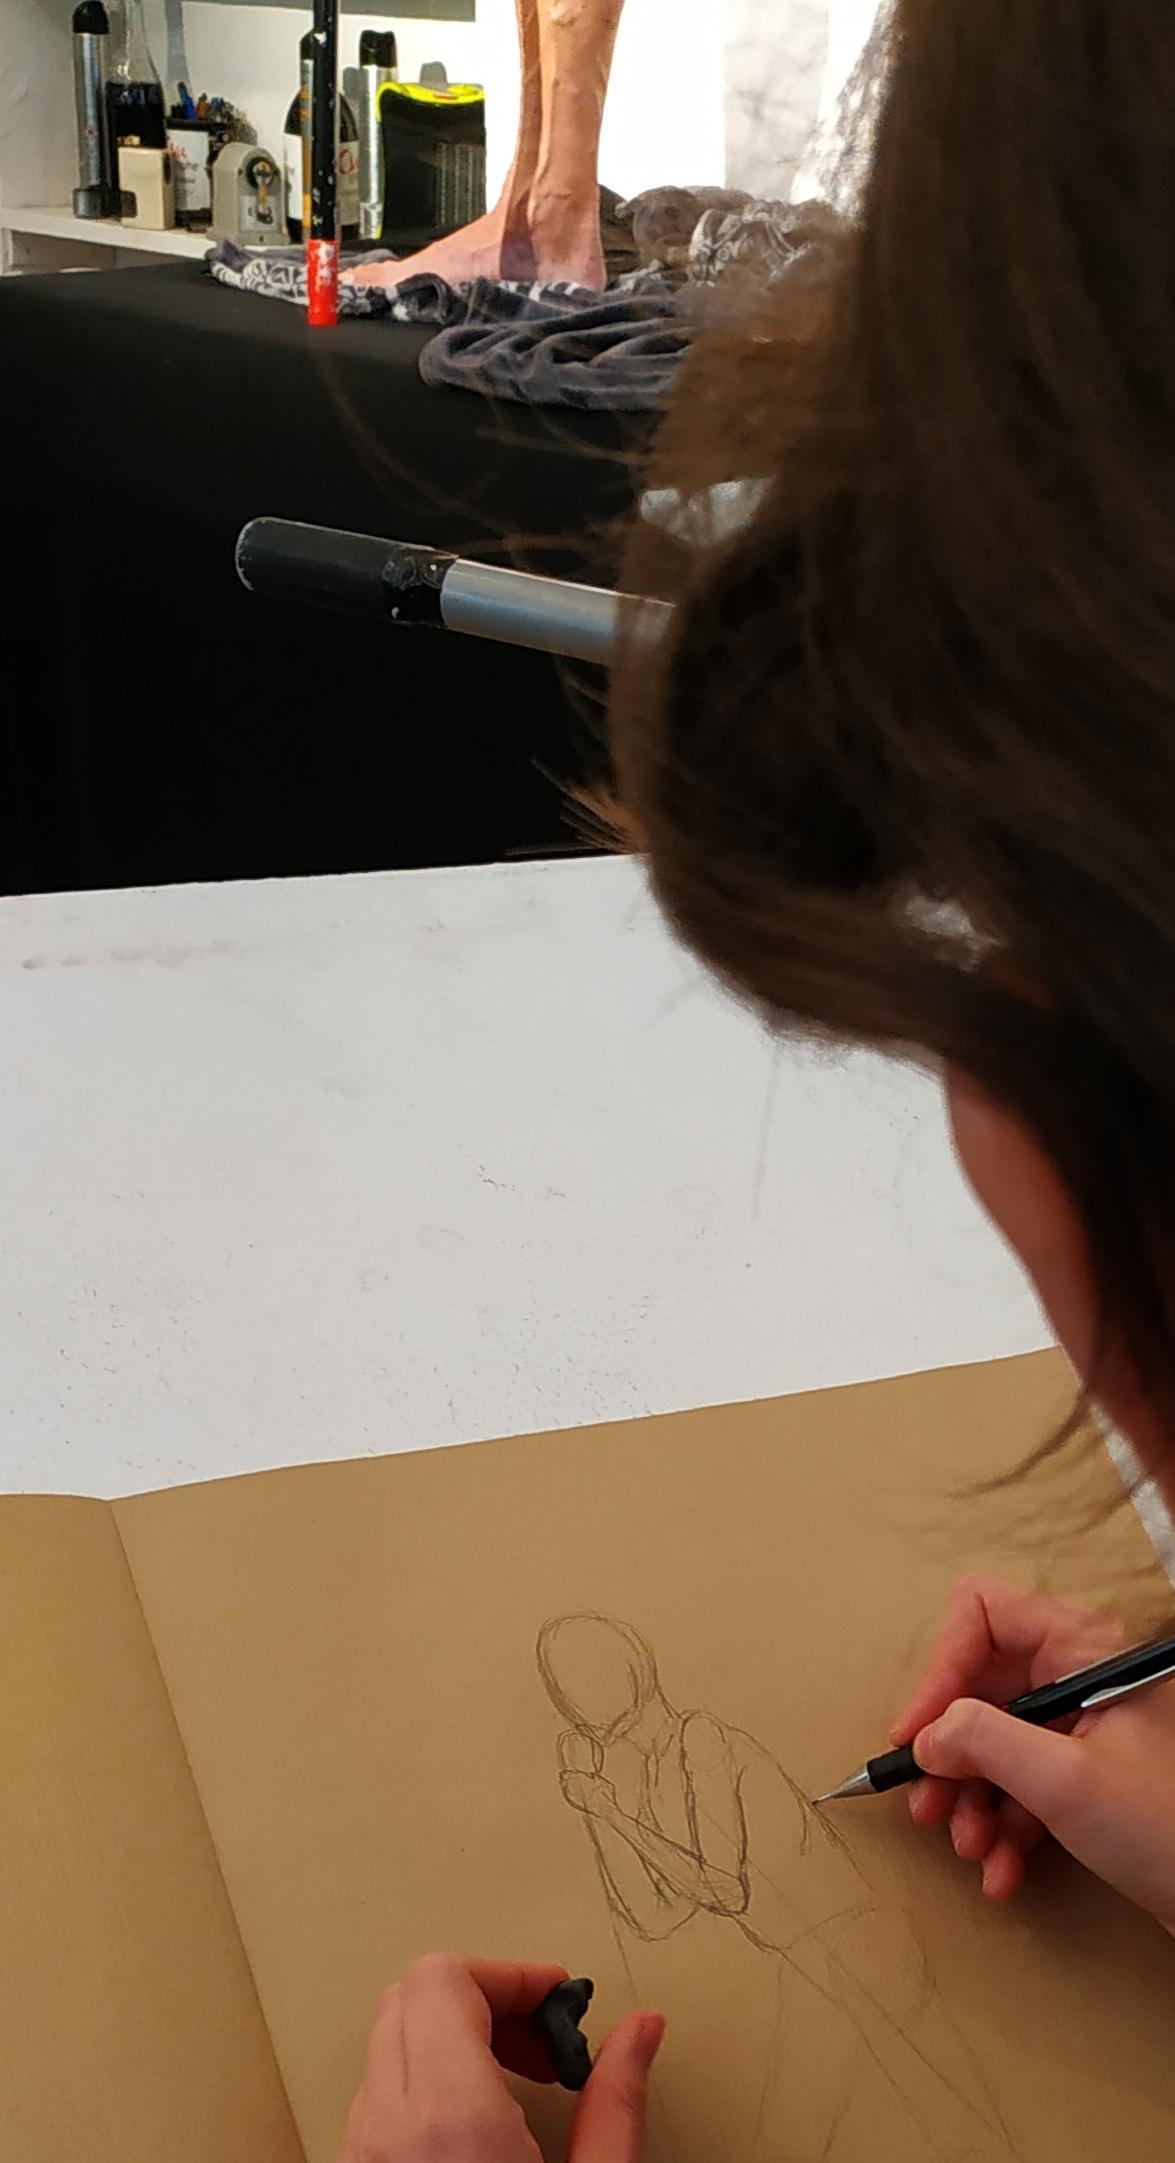 Dessiner un mod�le vivant  cours de dessin